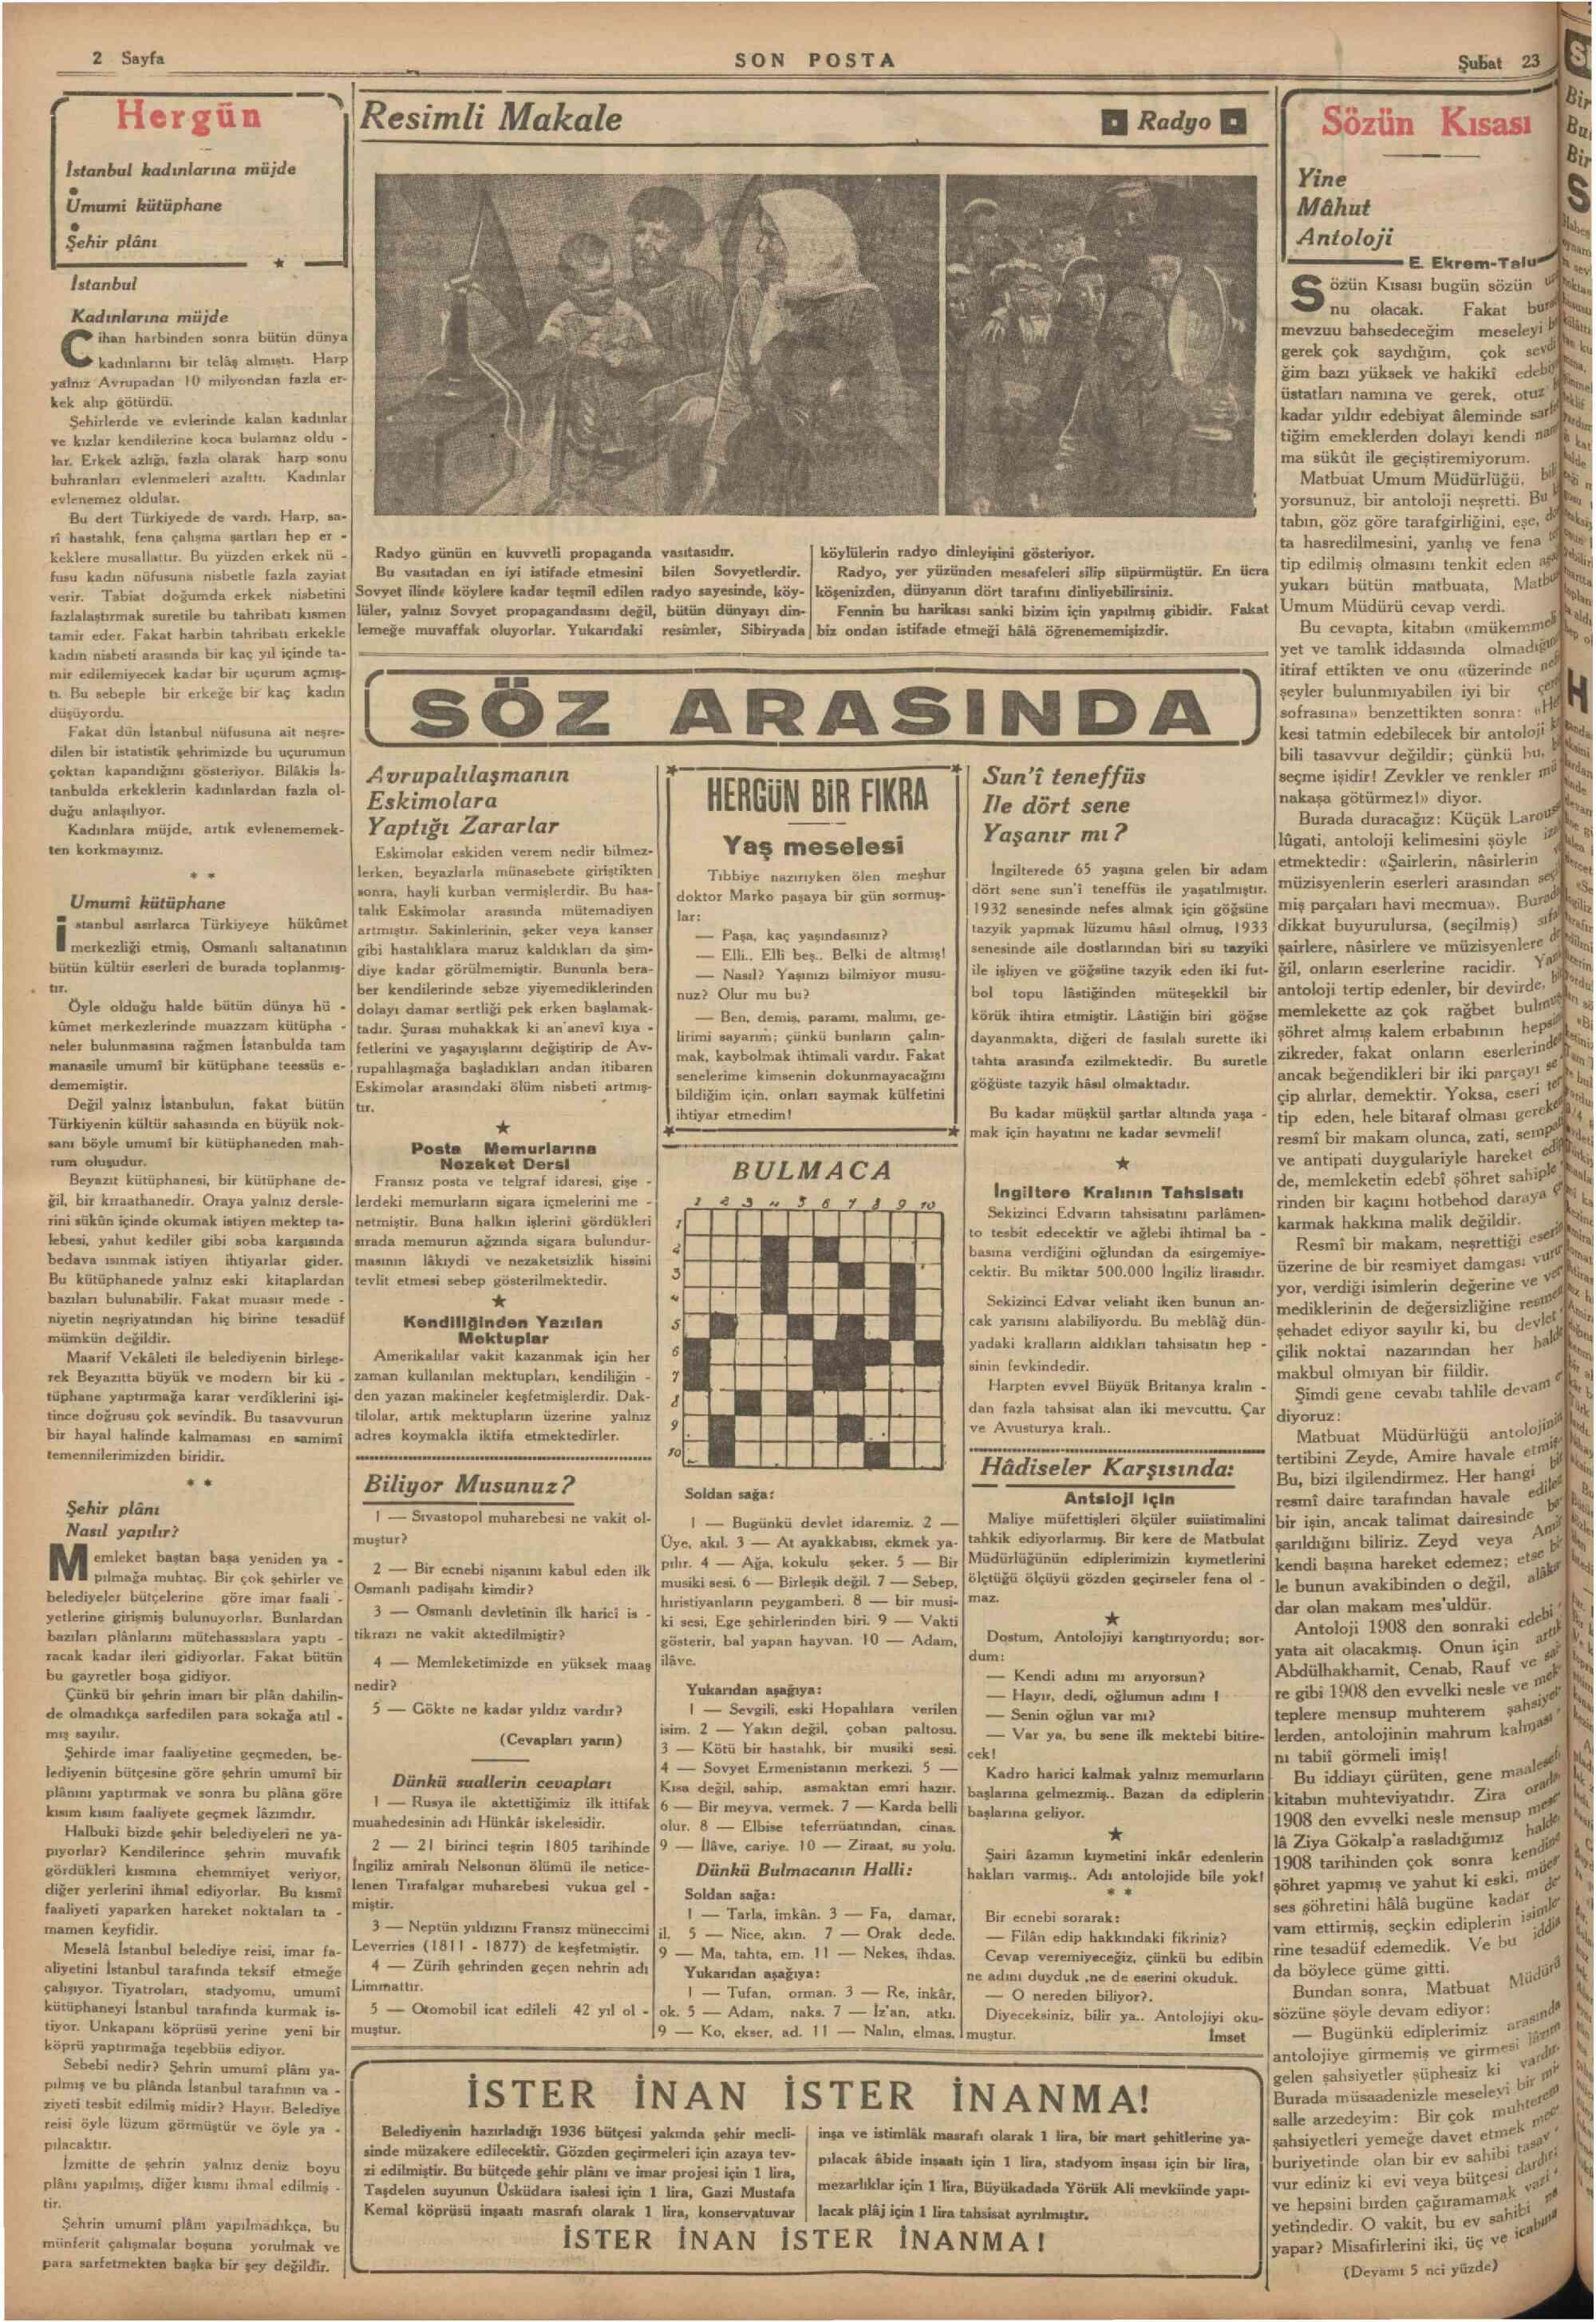 23 Şubat 1936 Tarihli Son Posta Gazetesi Sayfa 3